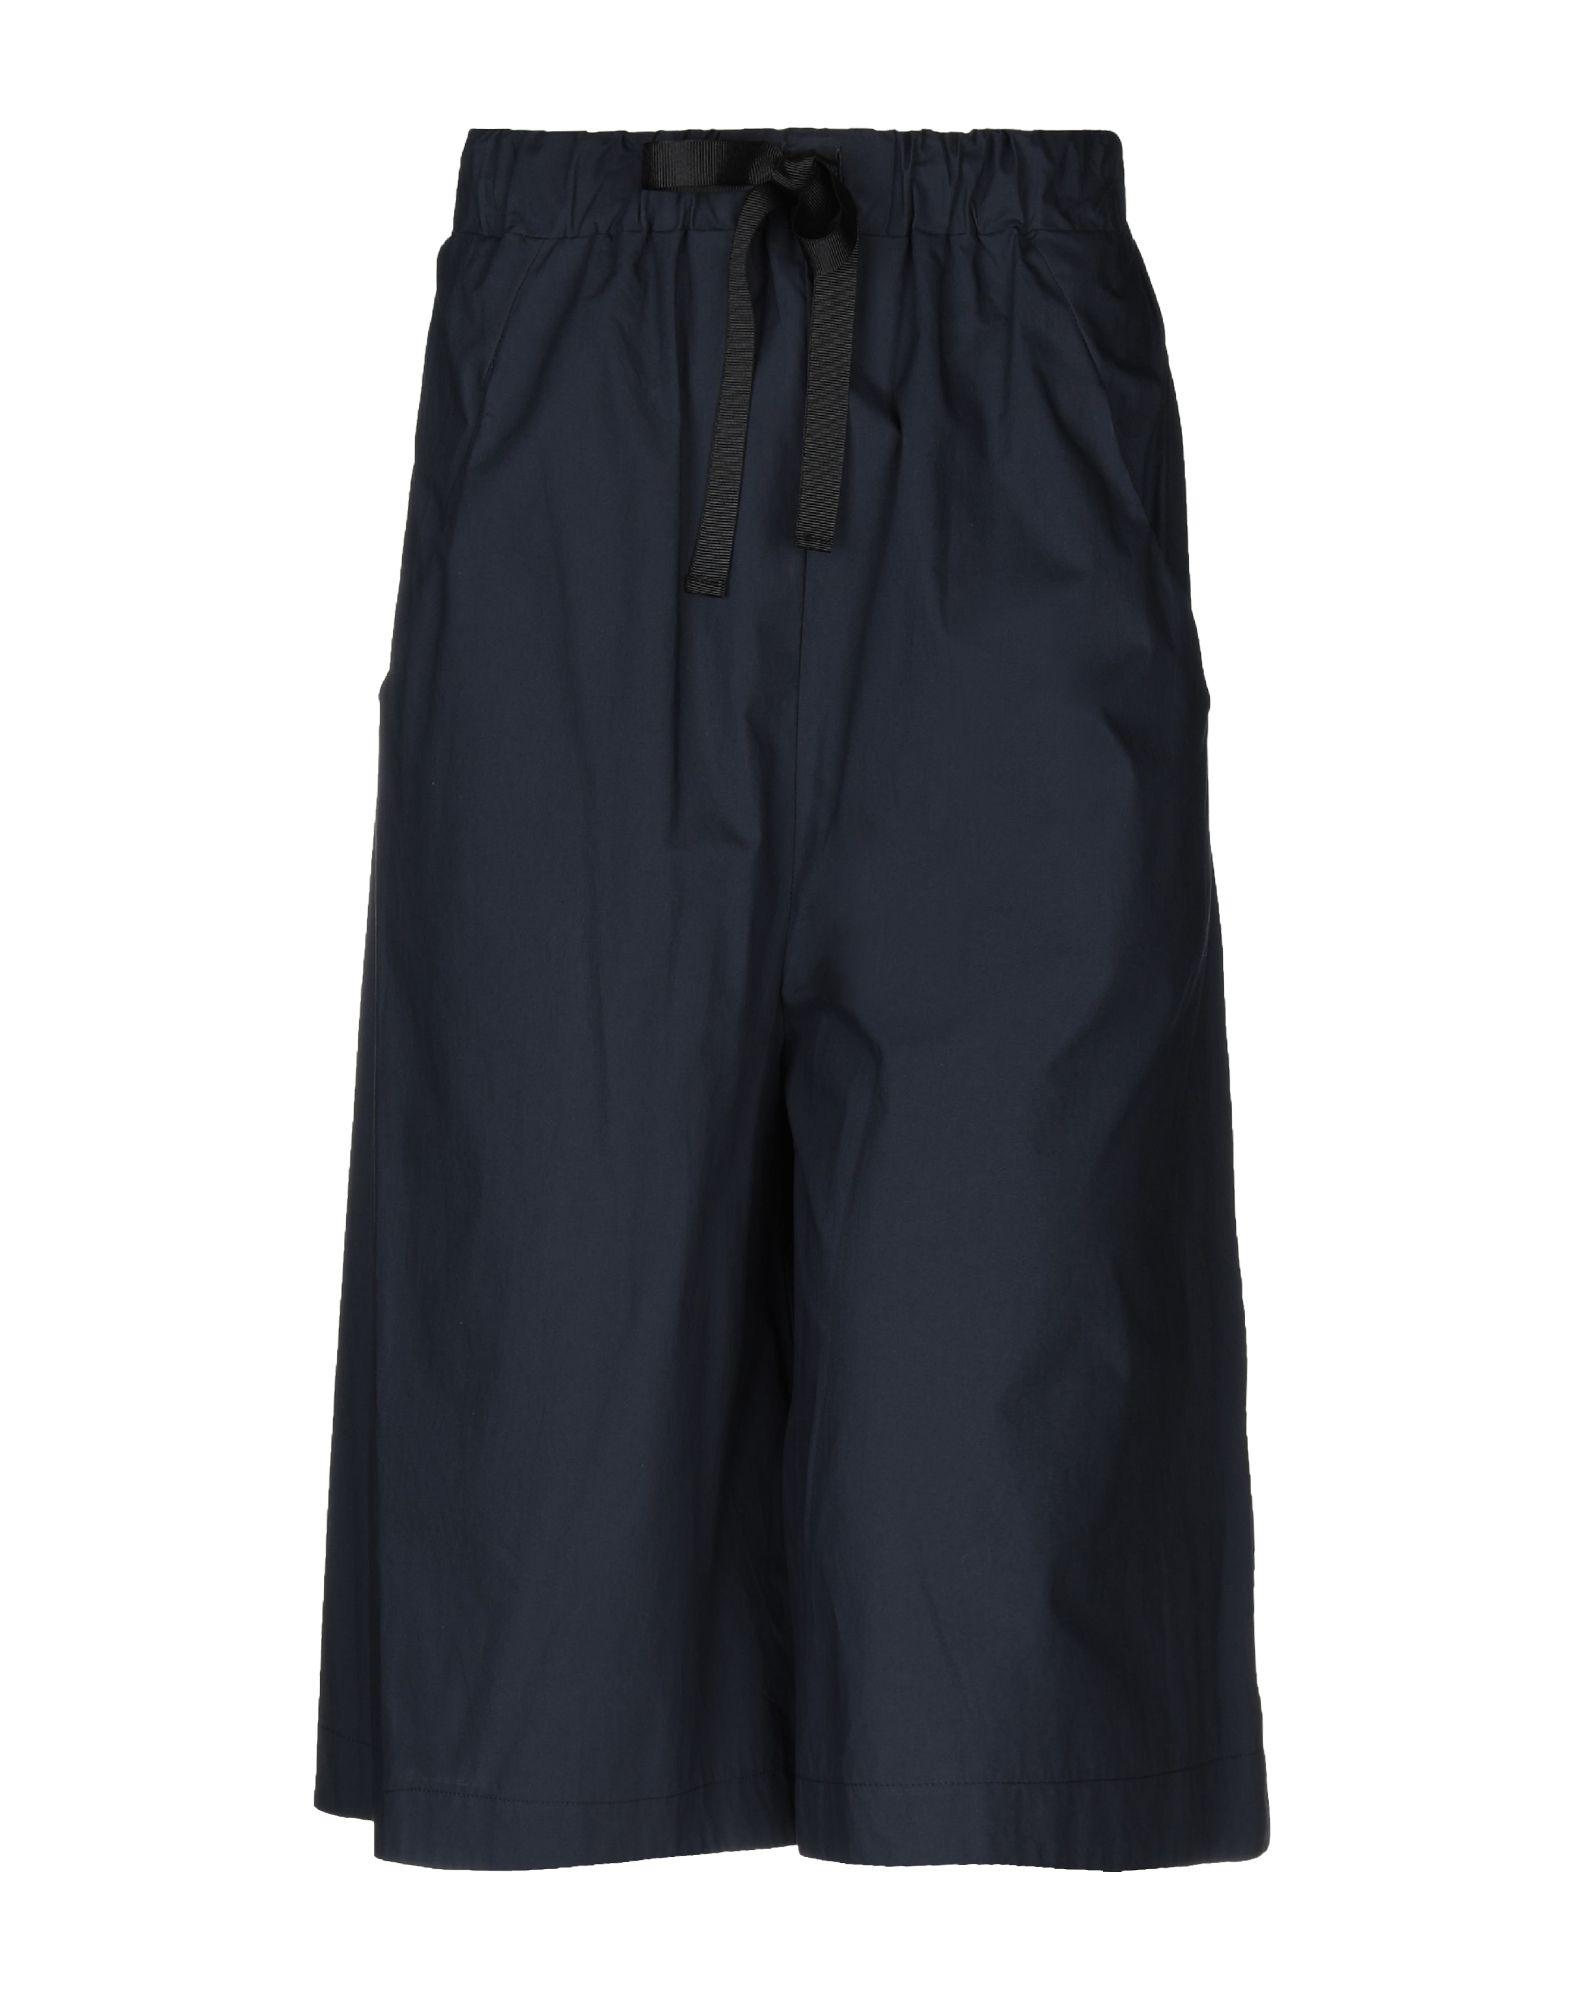 《送料無料》NEIRAMI レディース 7分丈スカート ダークブルー L コットン 100%